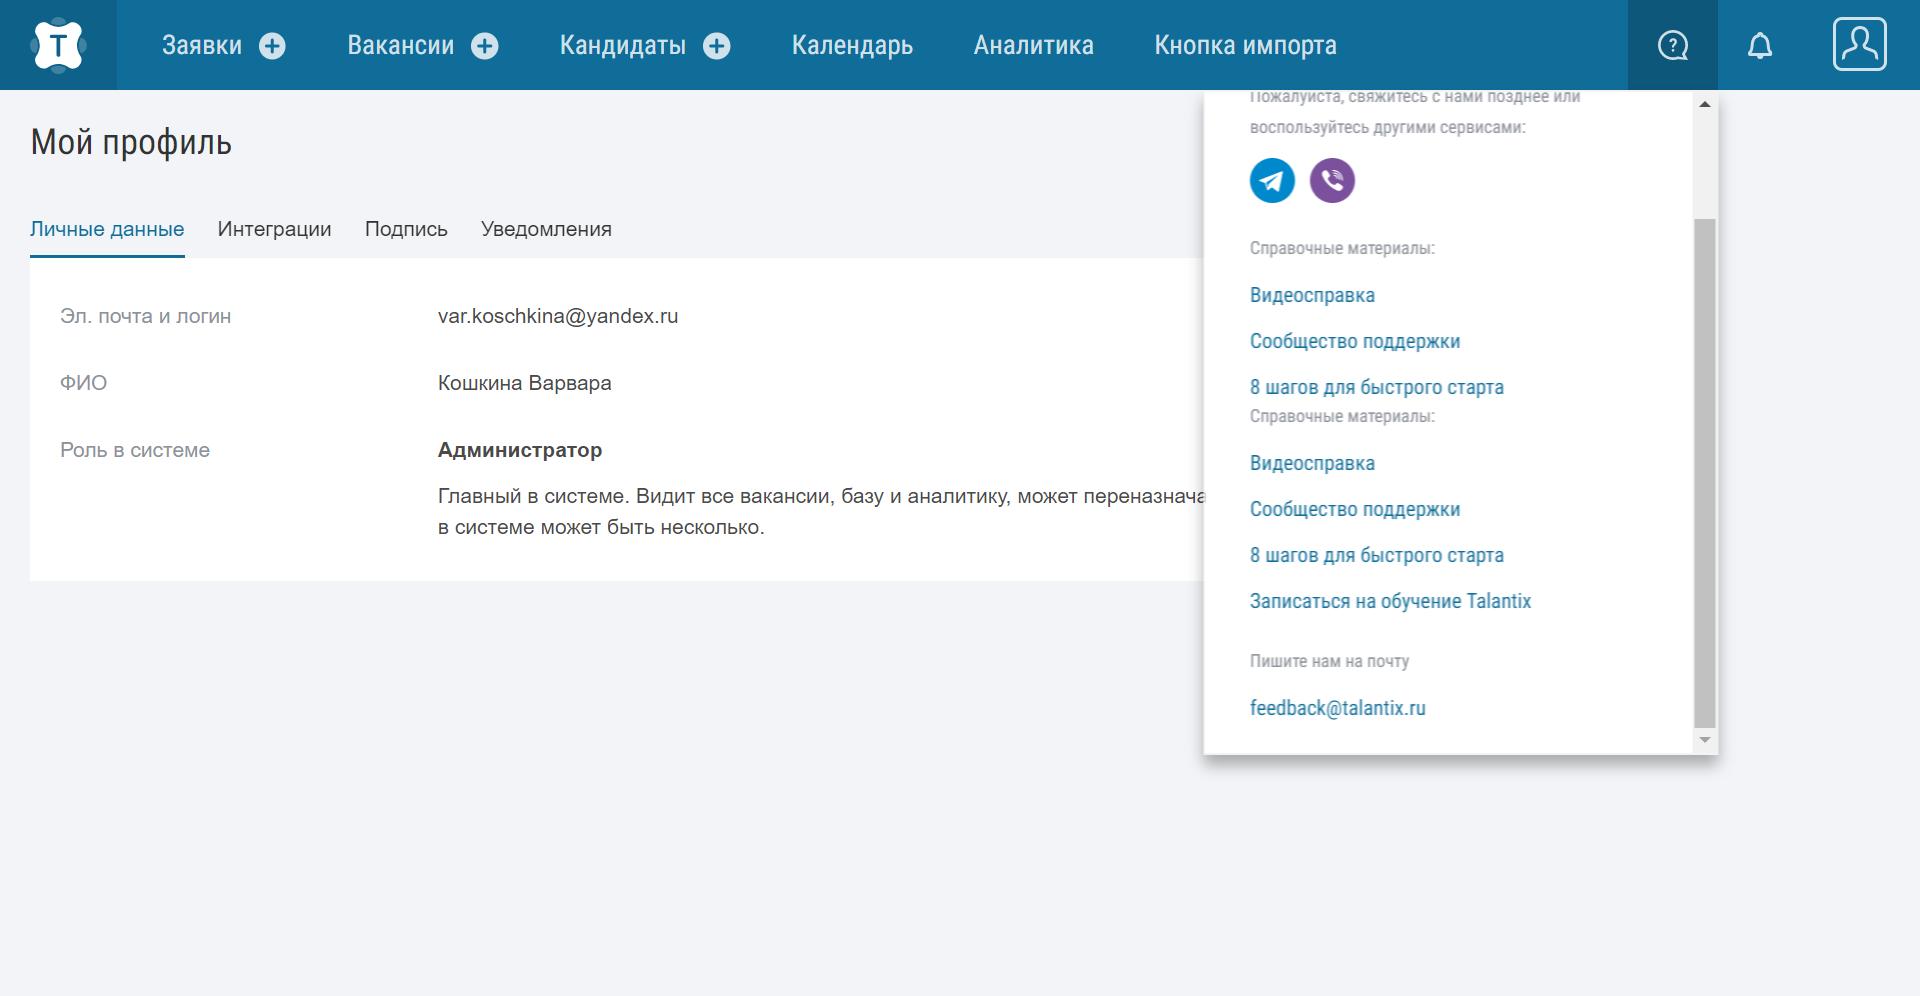 Что нового в Talantix: детальная аналитика по кандидатам, программы обучения, итоги Летнего онлайн-митапа Talantix Open